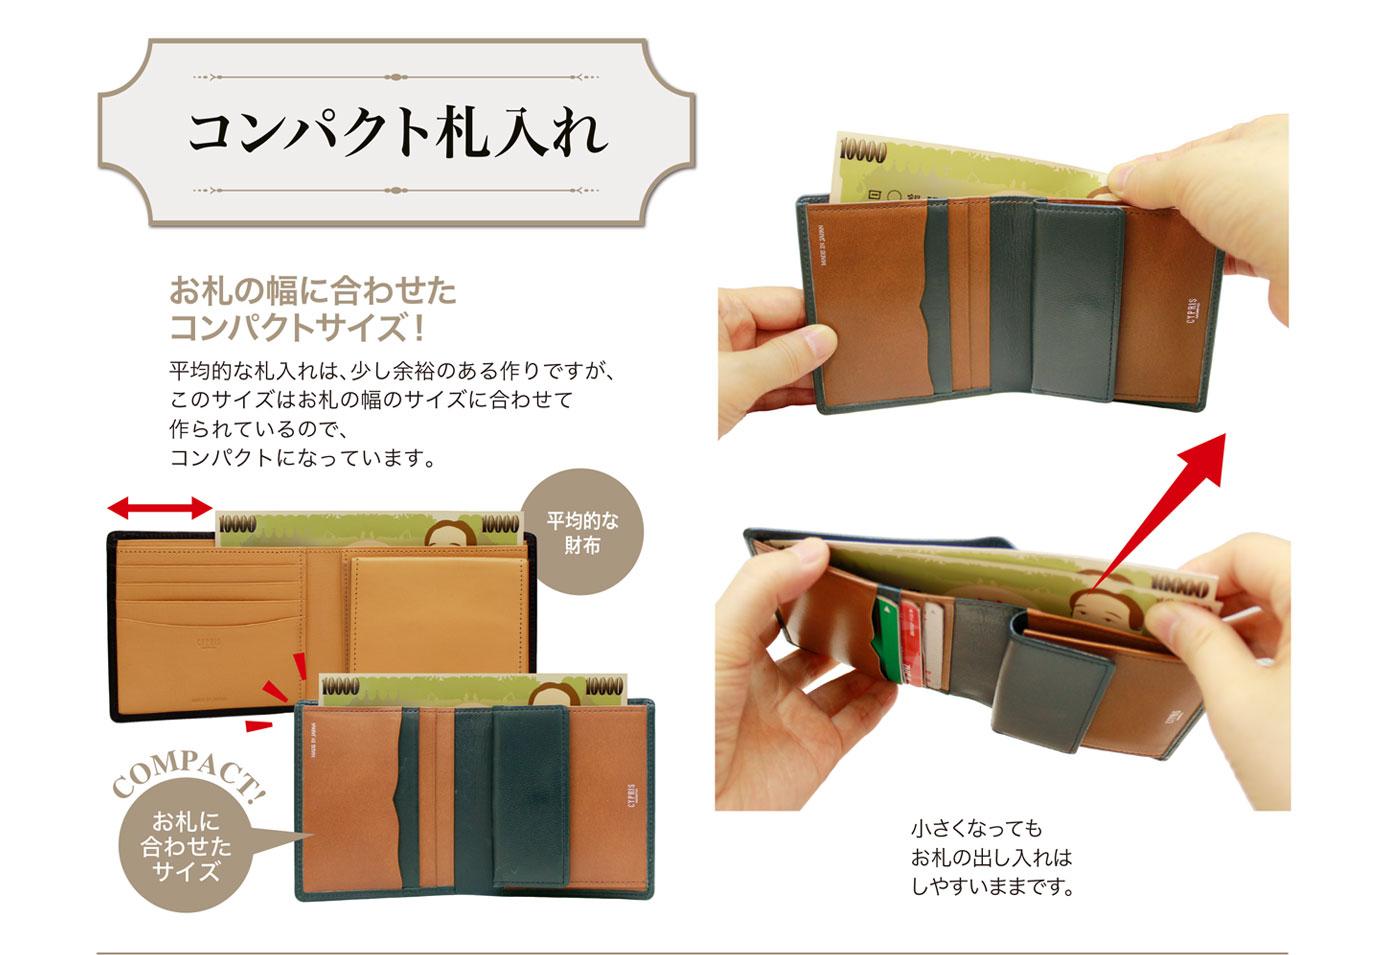 キプリス テルヌーラコンパクト札入れ。お札の幅にジャストフィットするコンパクトサイズ。